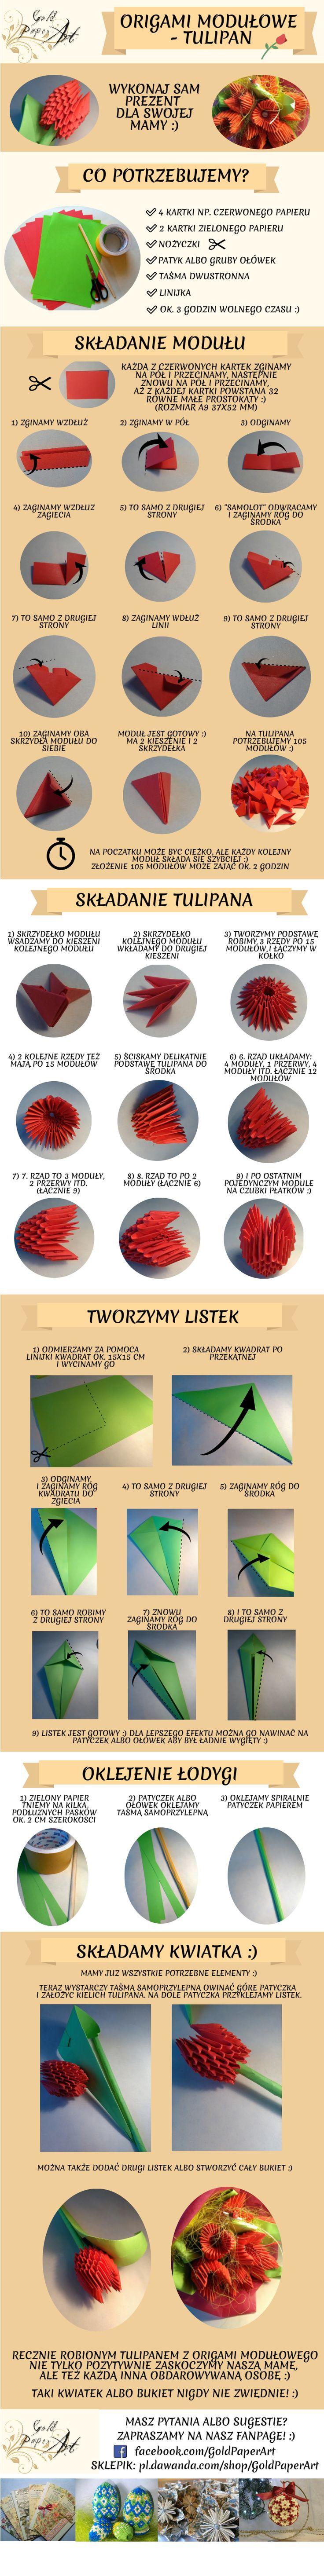 #dzieńmatki #dzienmatki #prezent #origami #modułowe #kwiat #tulipan #diy #zróbtosam #tutorial #rękodzieło